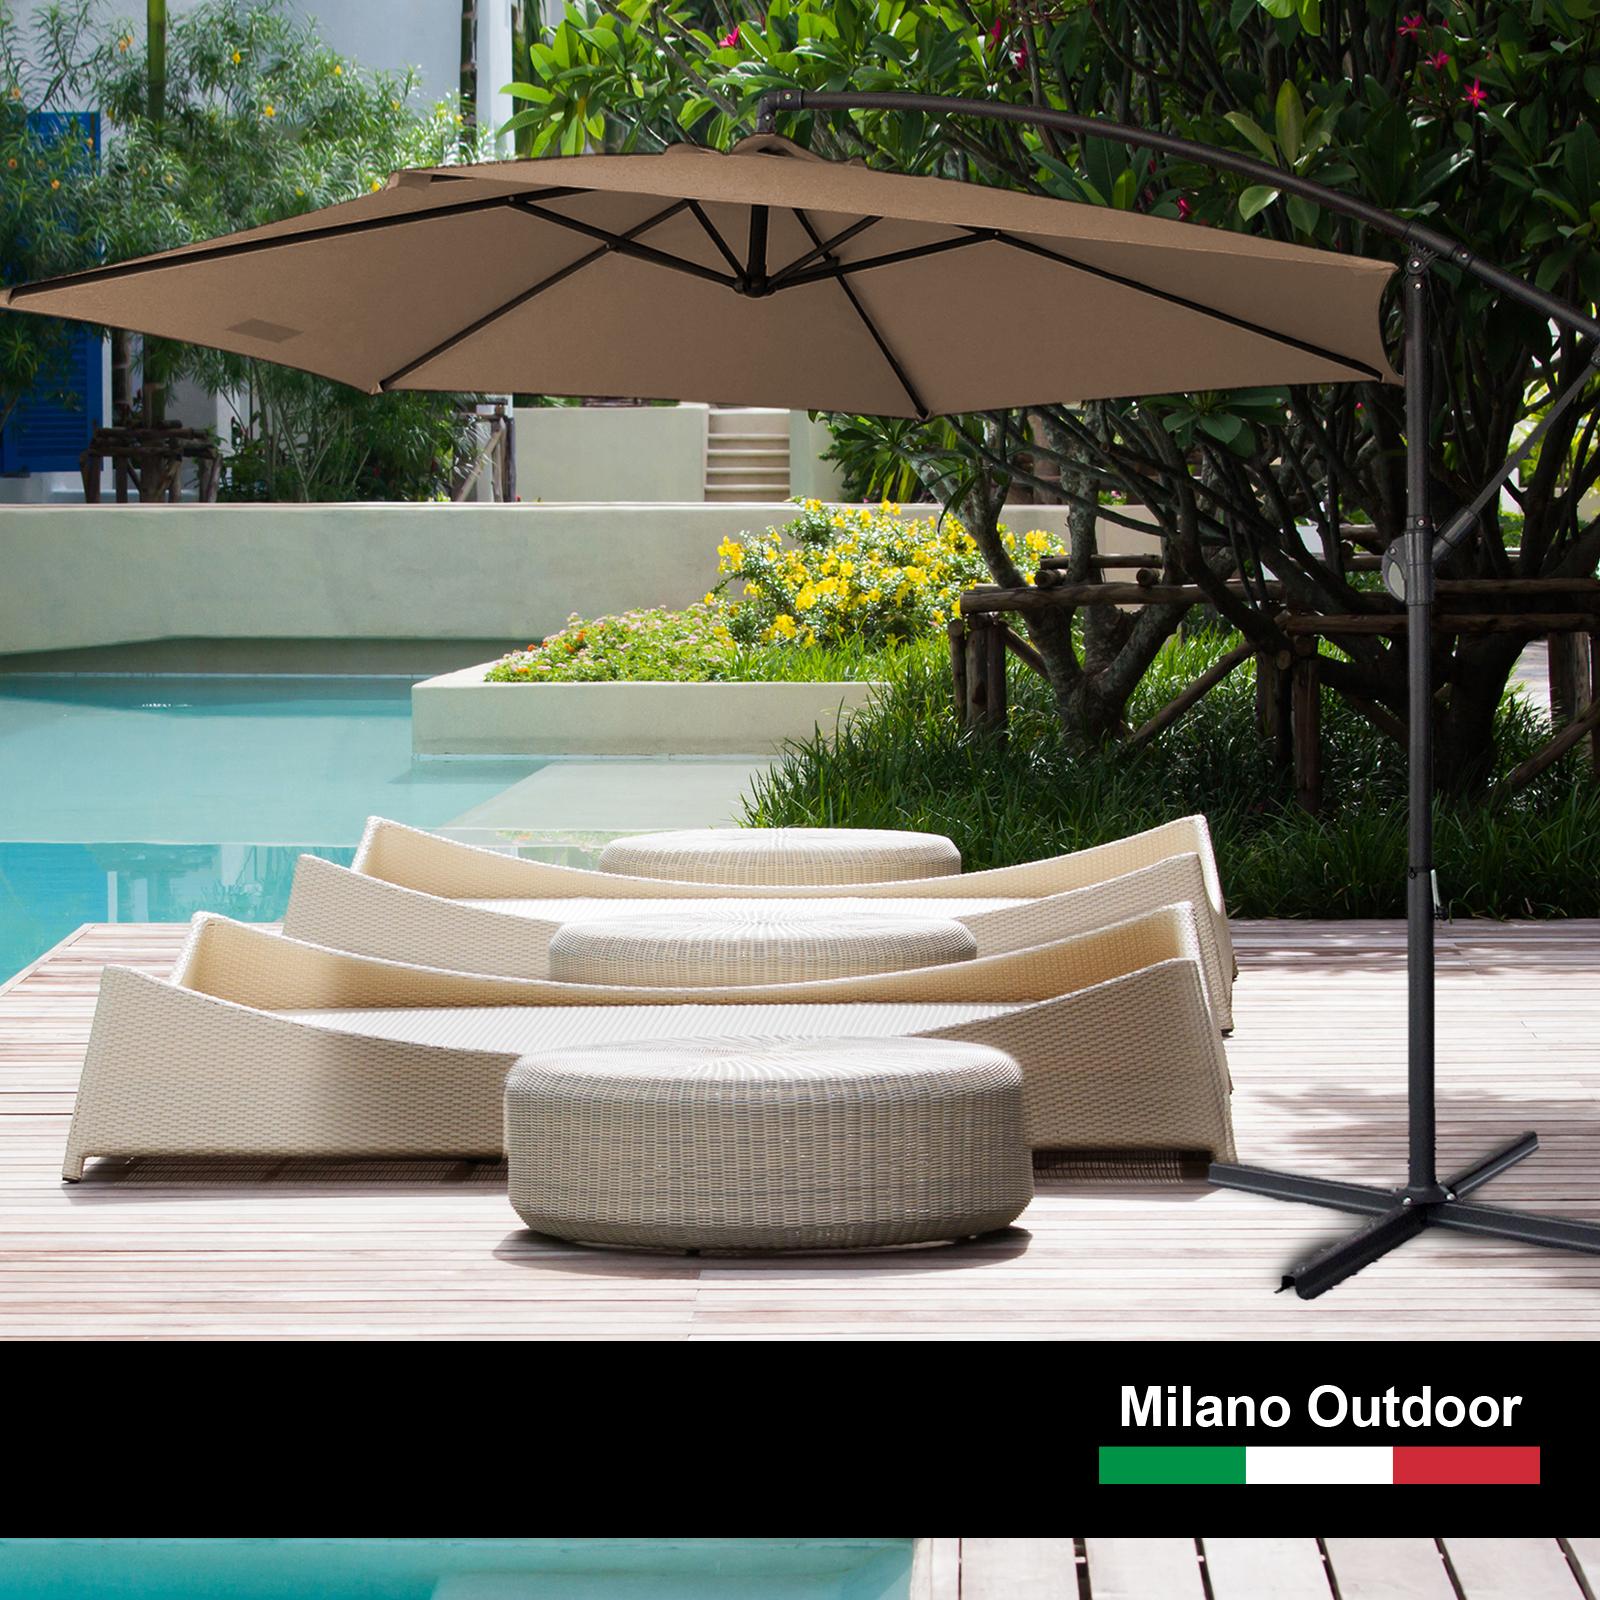 thumbnail 51 - Milano Outdoor 3 Metre Cantilever Umbrella UV Sunshade Garden Patio Deck